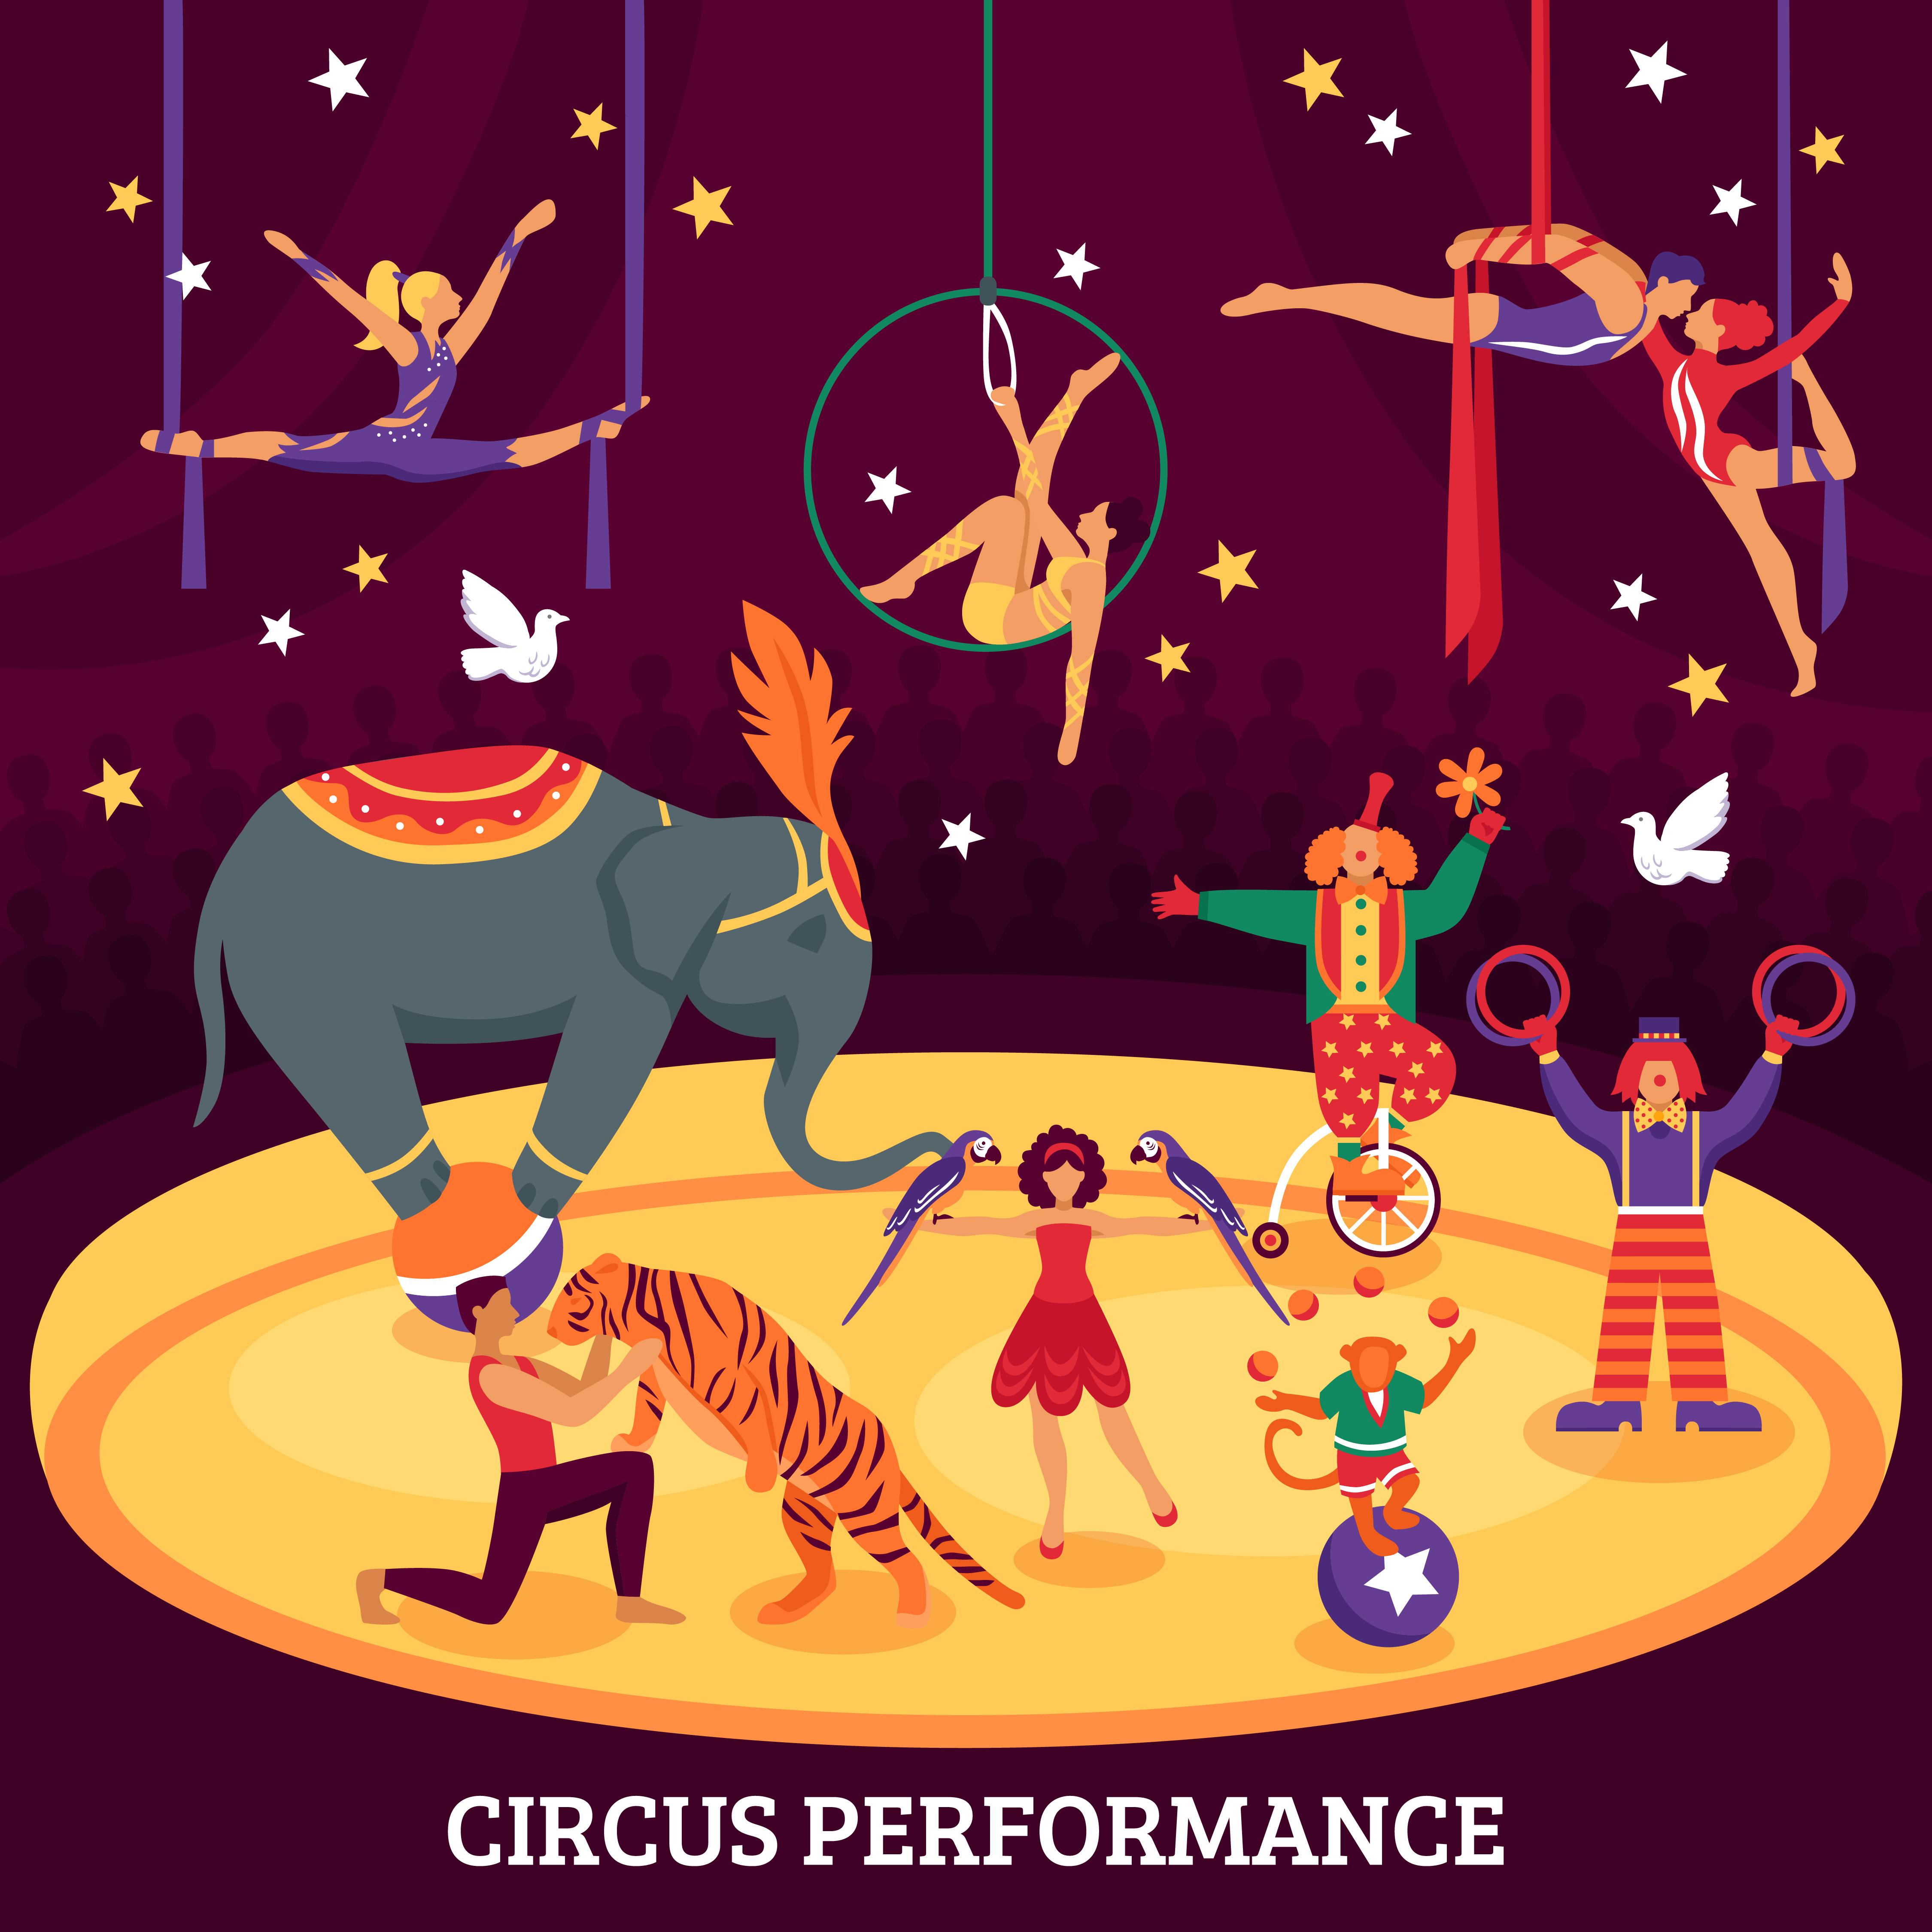 относящиеся рисунок артисты на арене цирка это можно при